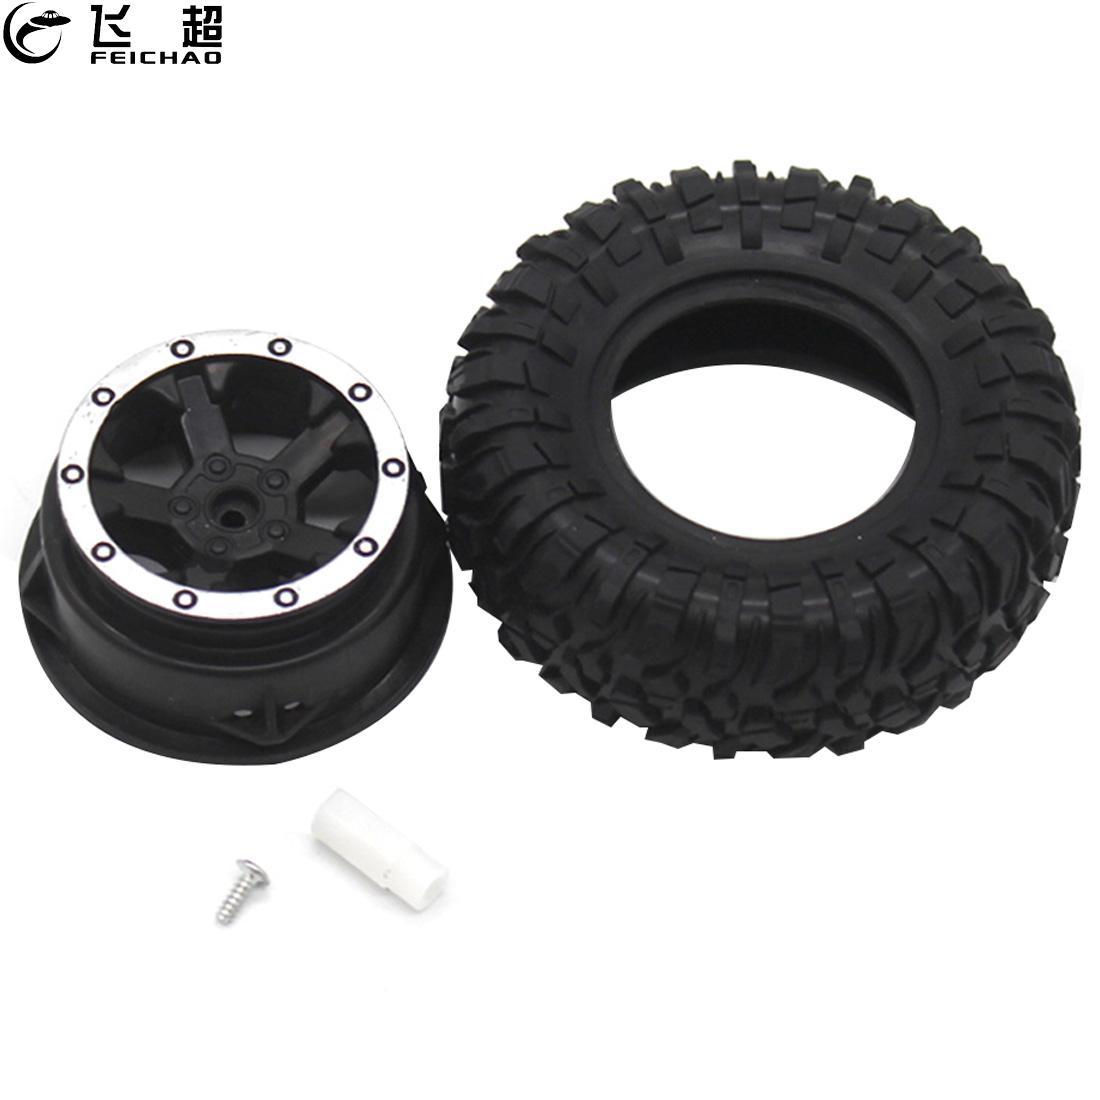 عجلة بلاستيكية افعلها بنفسك ، عجلة مطاطية مصنوعة يدويًا ، 3 × 78 مللي متر ، محور ثقب الإطارات 3 مللي متر ، قطر 78 مللي متر لسيارة 4WD ، 10 قطعة